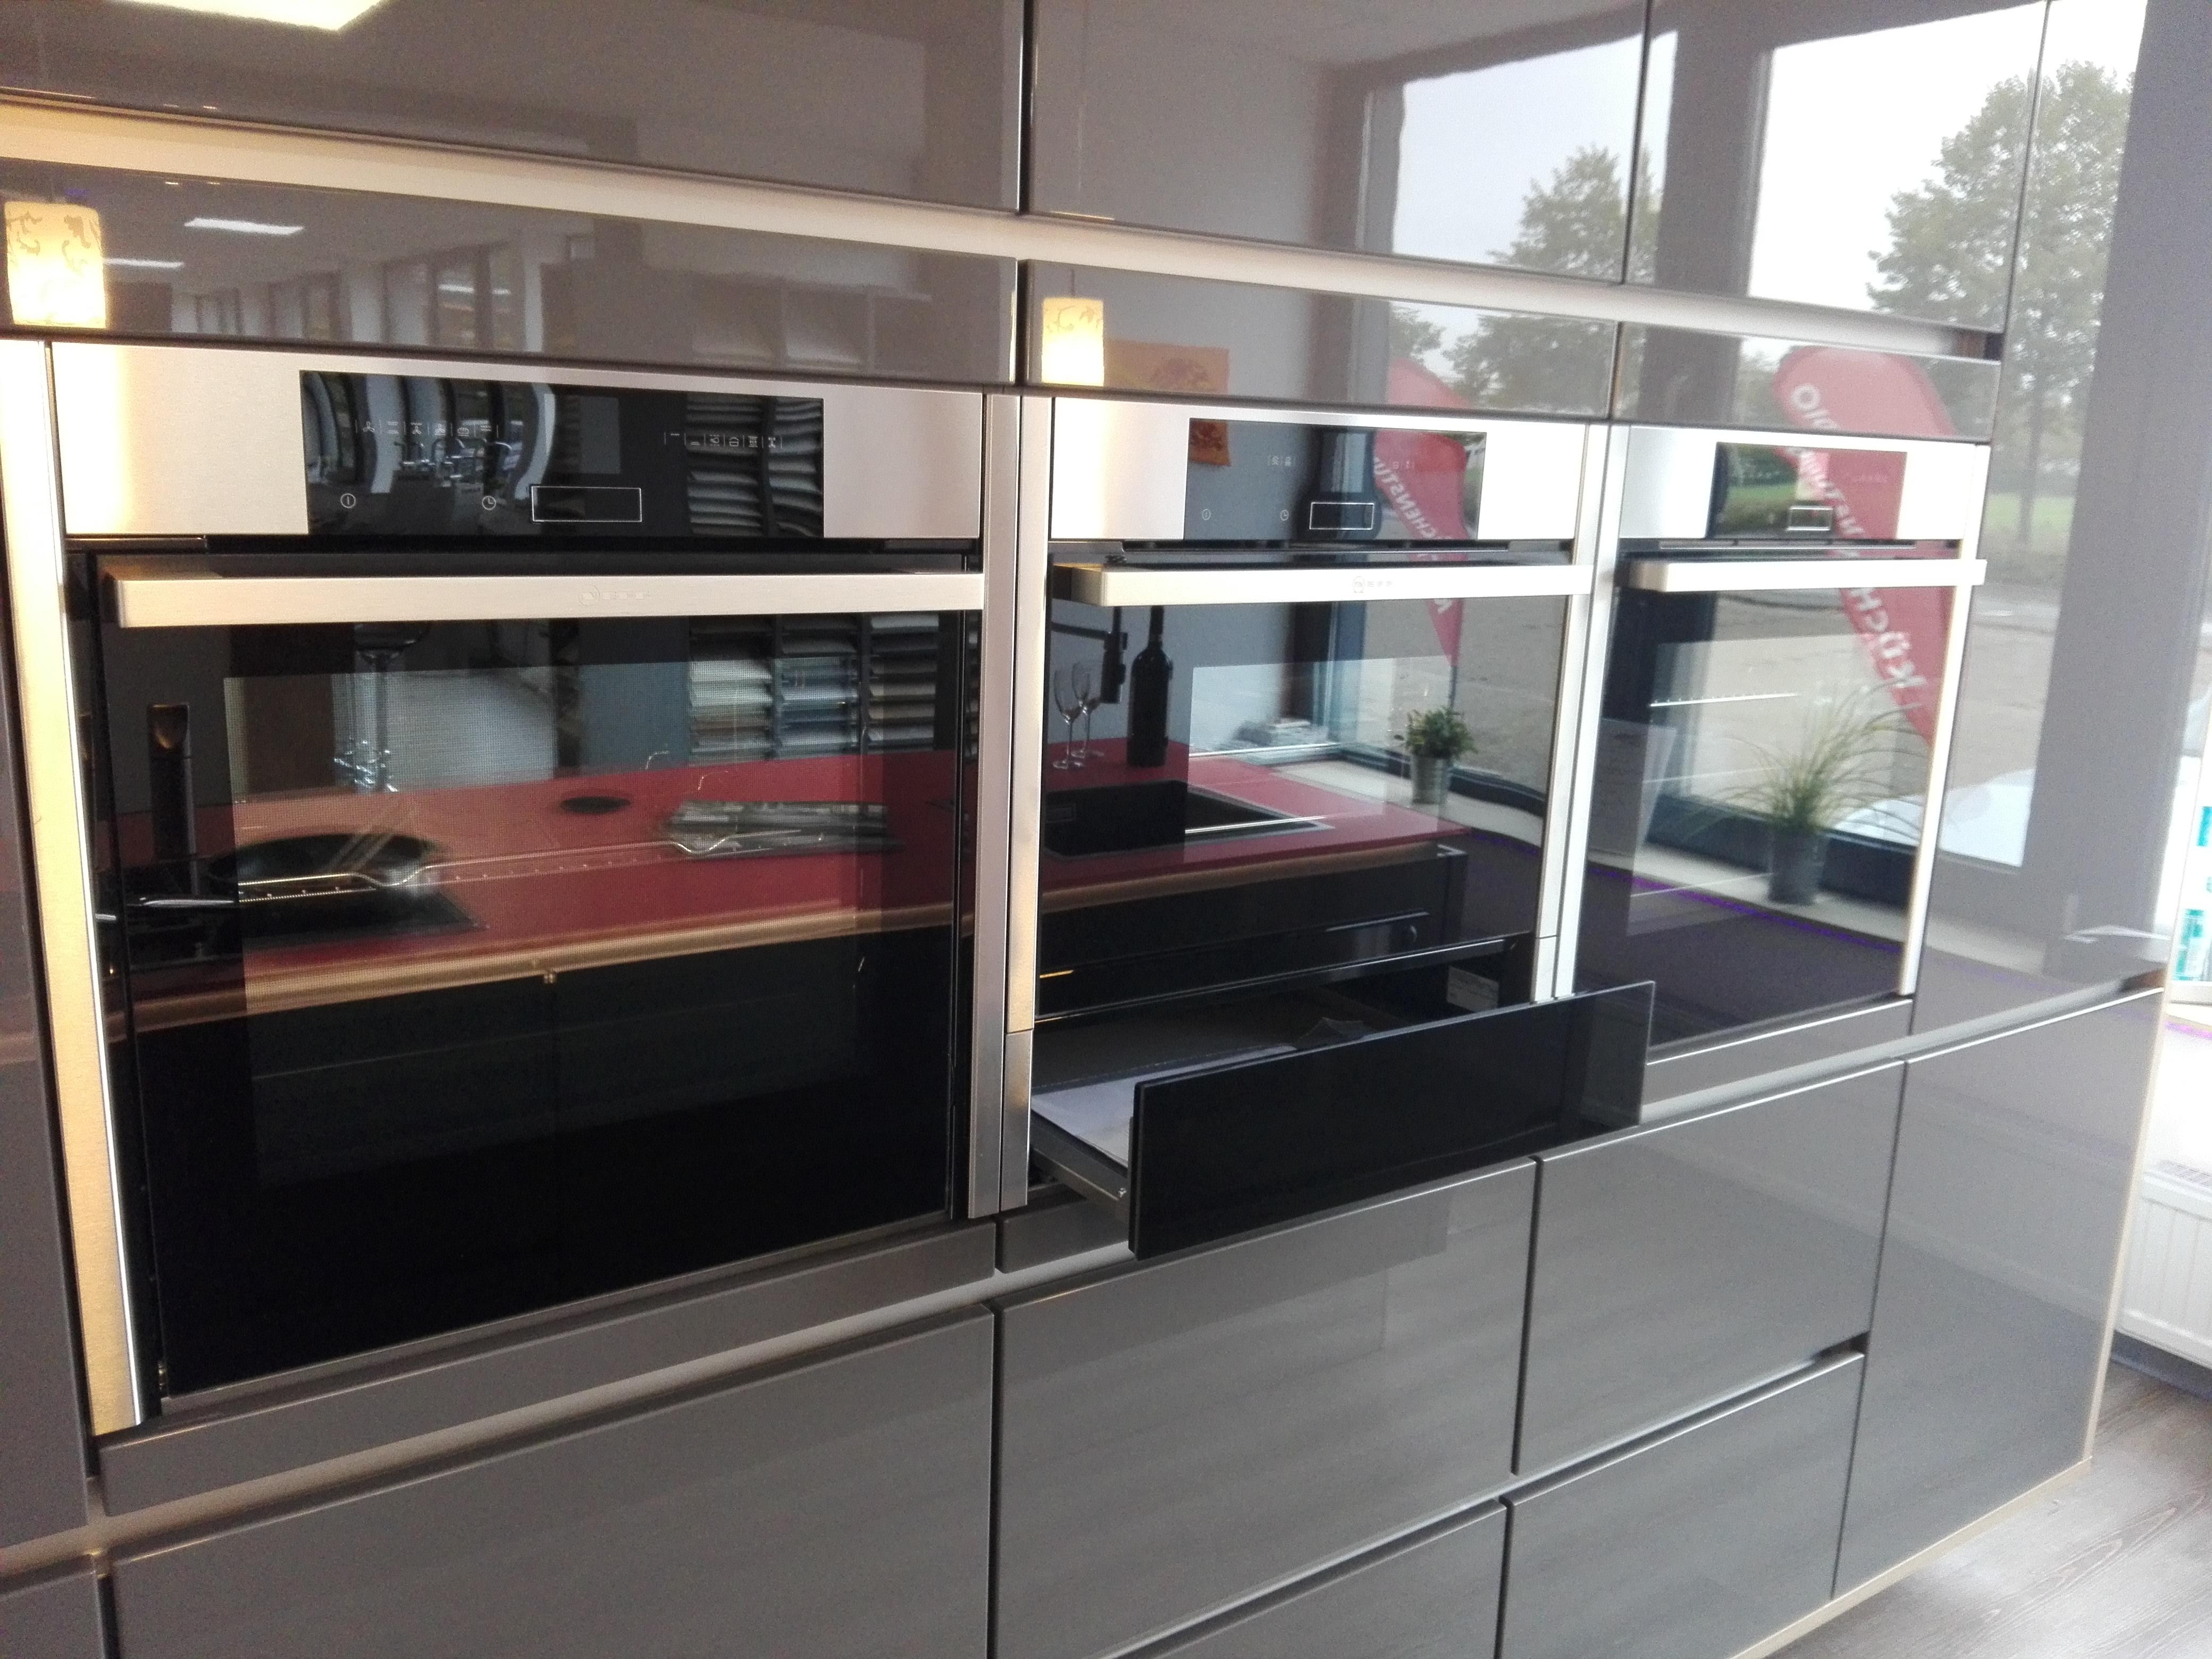 Küche 6 - Hochschrankwand mit verschiedenen Elektrogeräten, unter dem Dampfgarer in der Mitte die optisch zu den Geräten passende Systemschublade